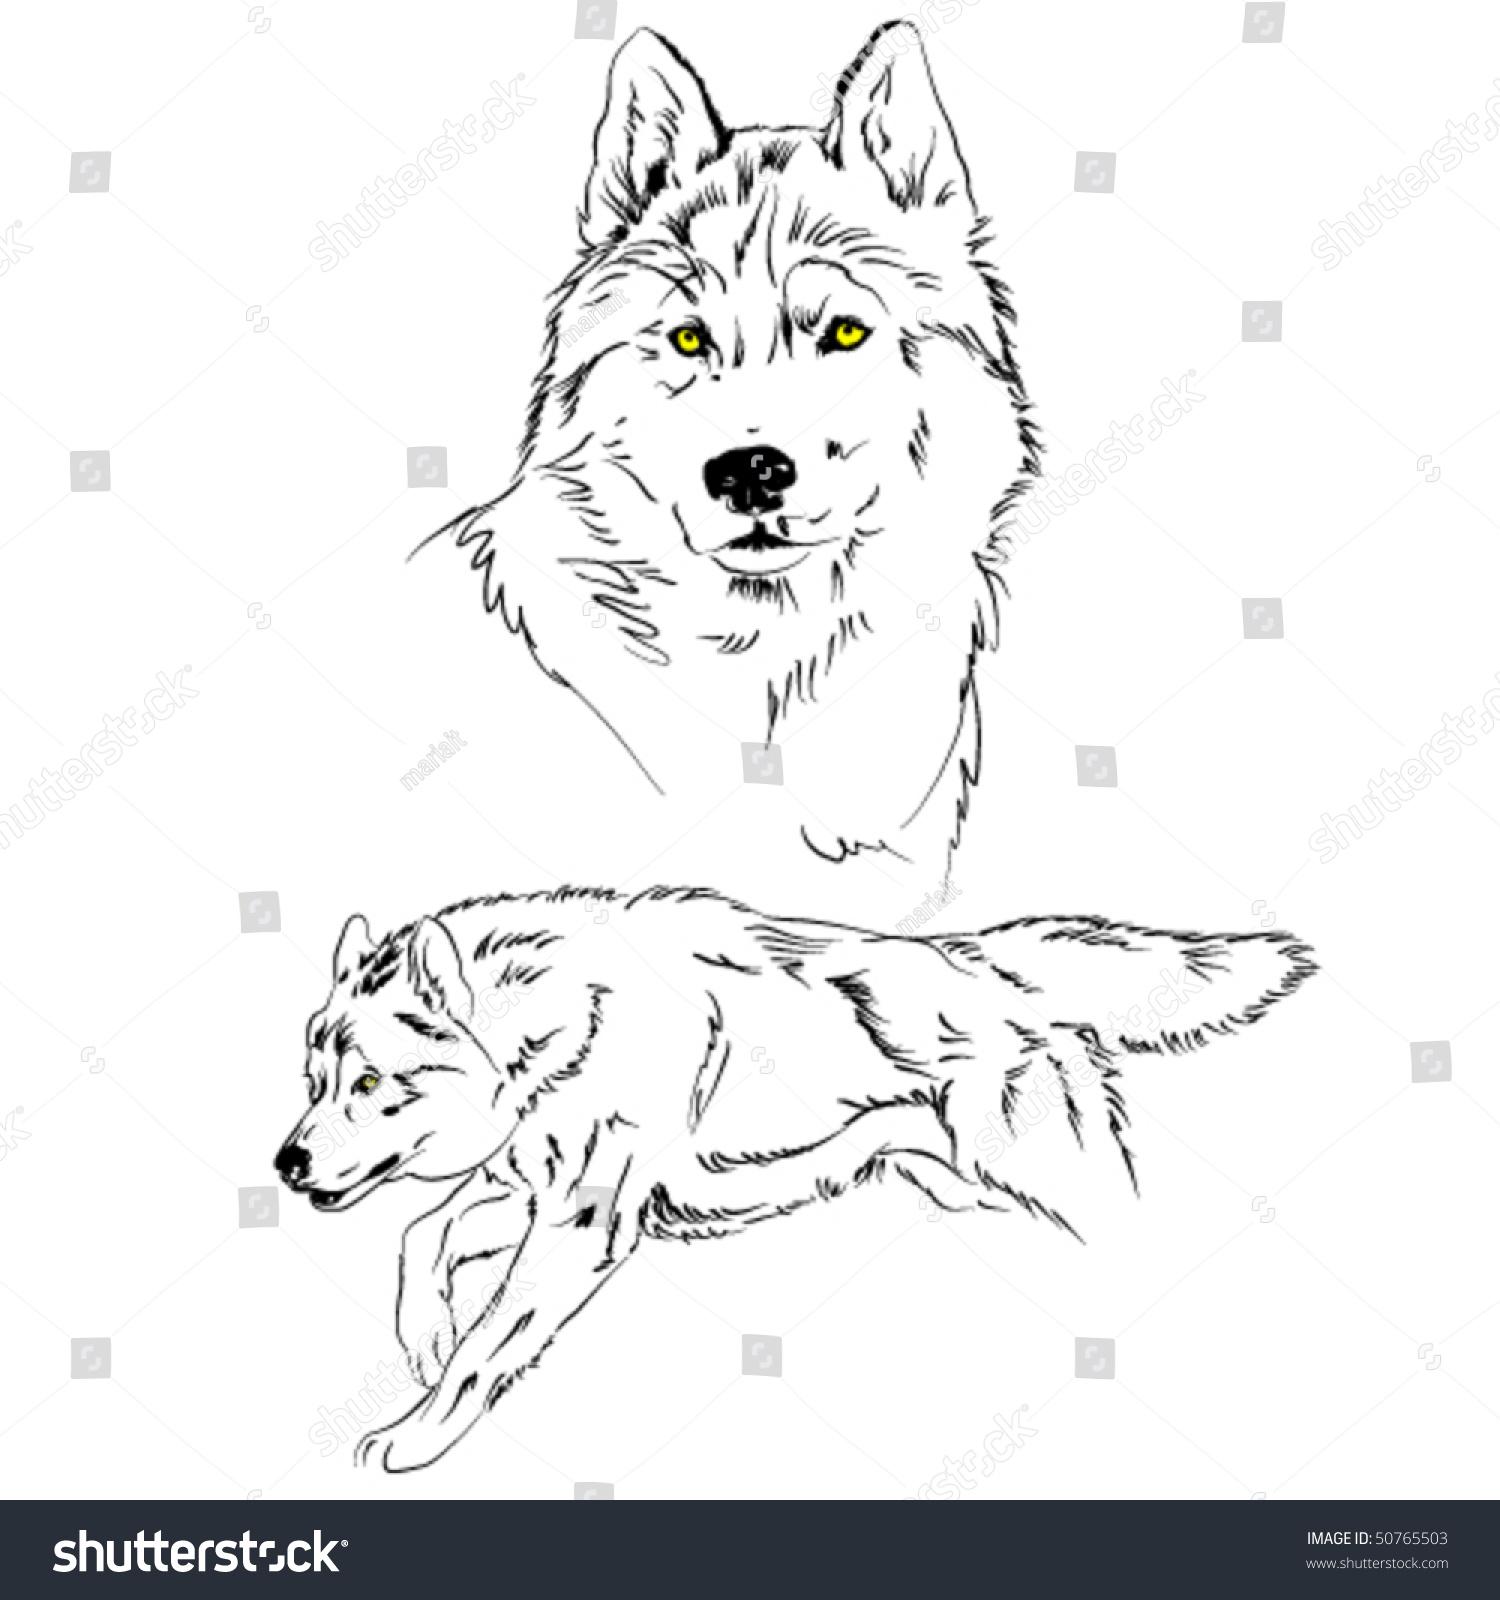 微信头像 手绘狼